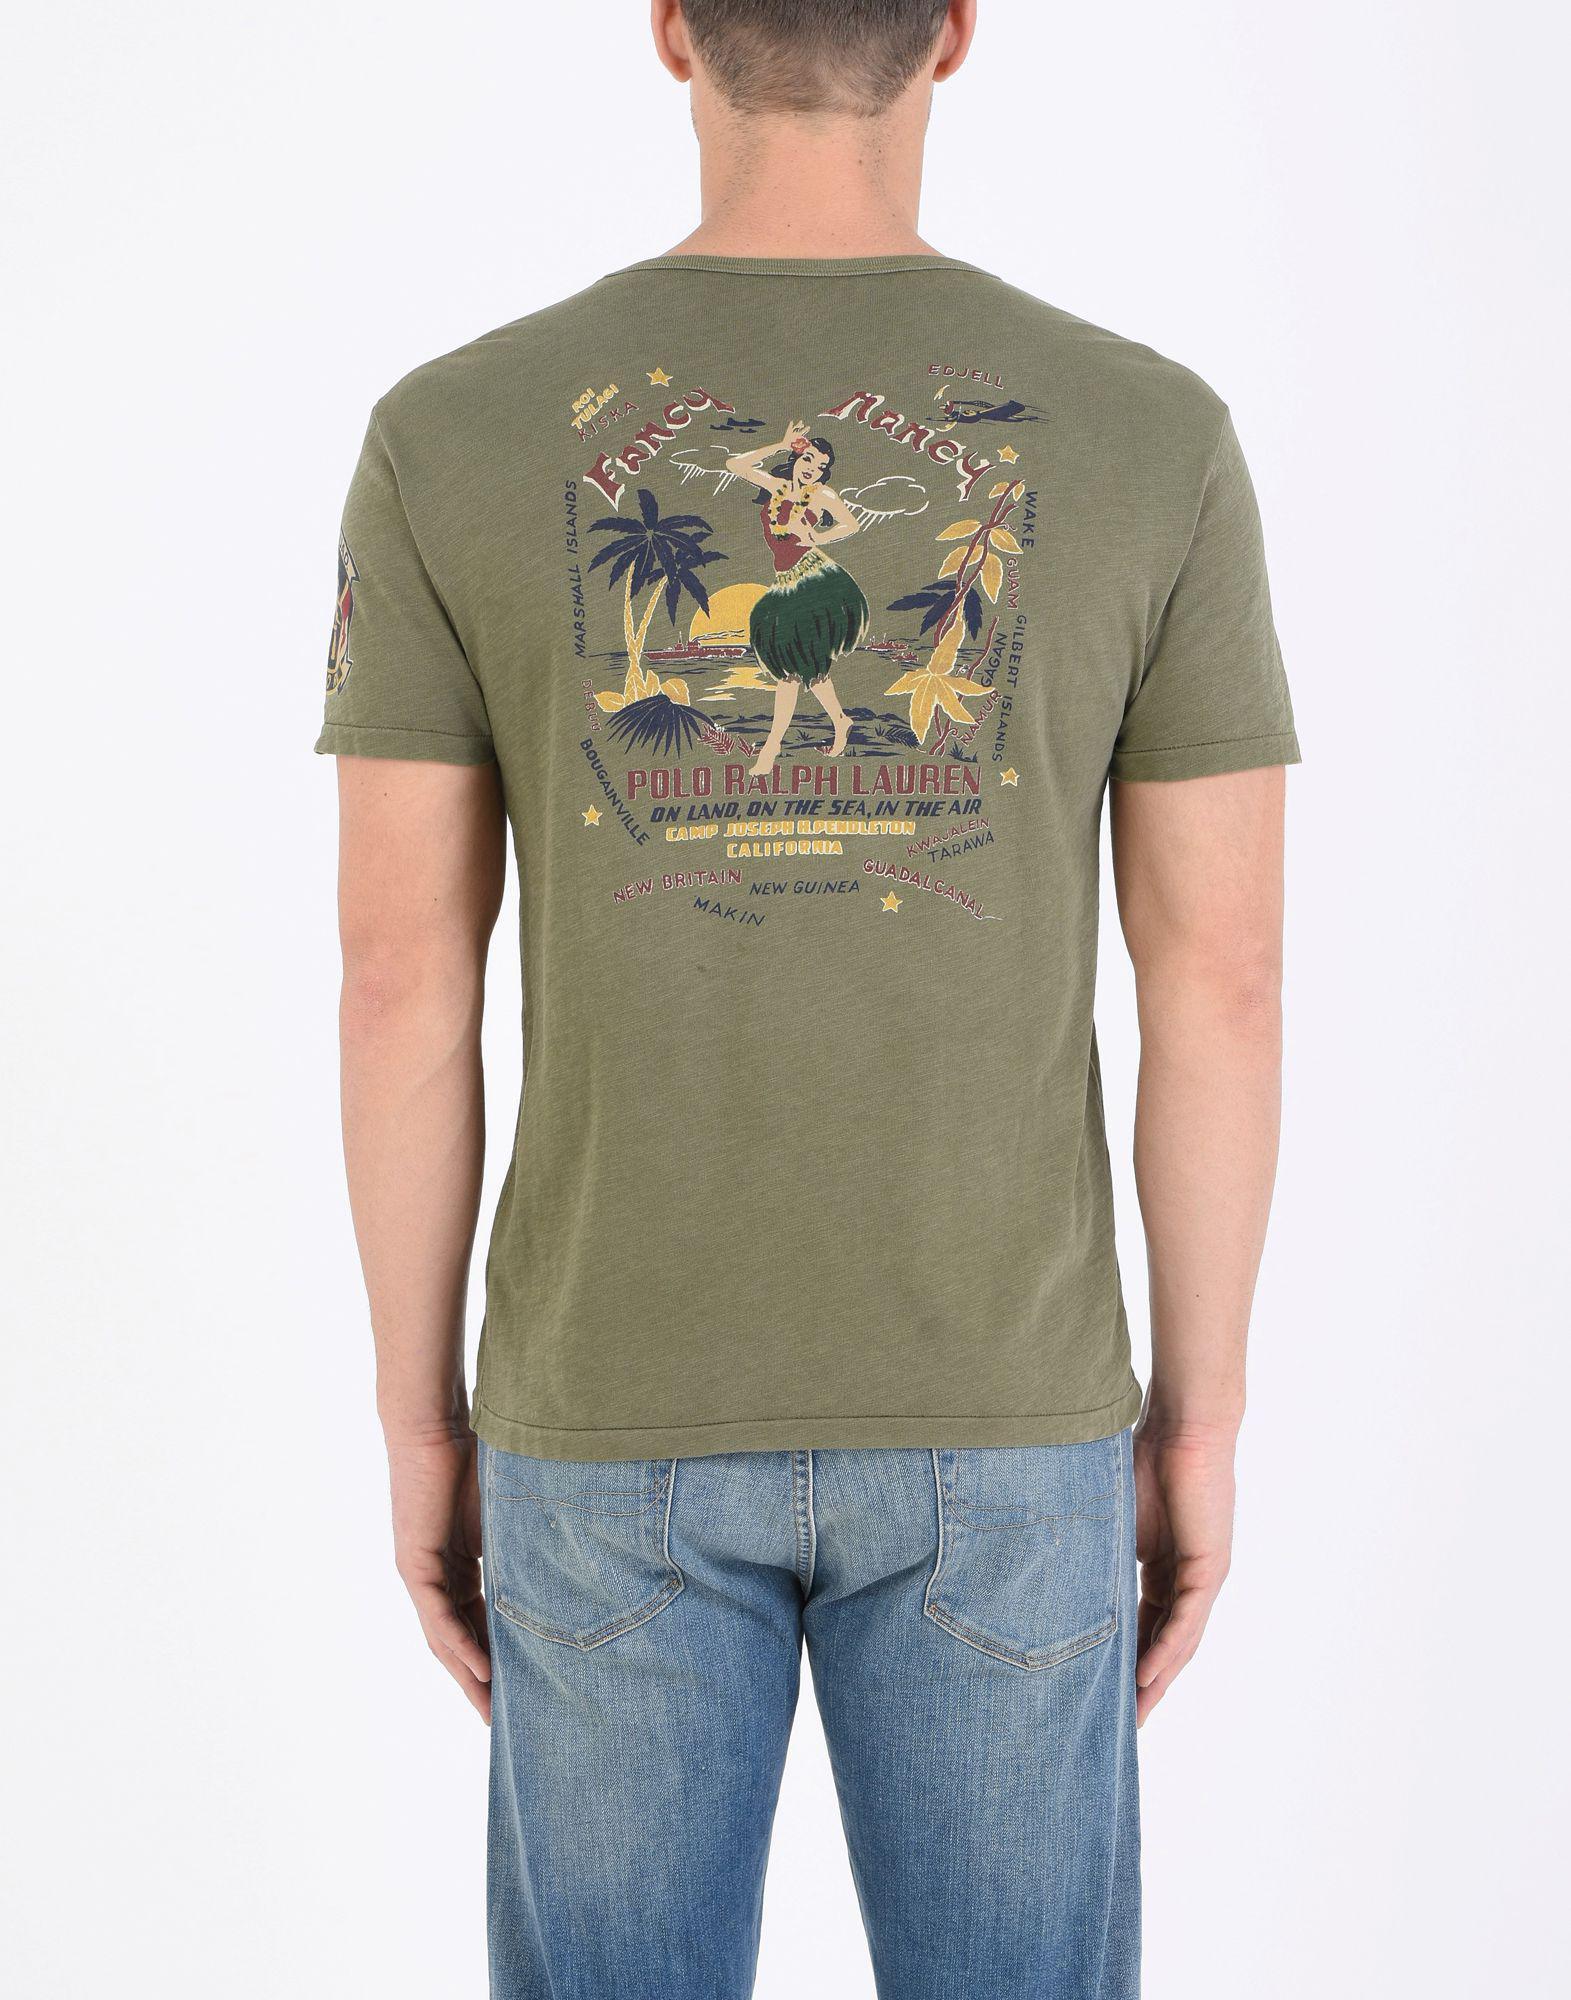 Polo Ralph Lauren T Shirt In Green For Men Lyst